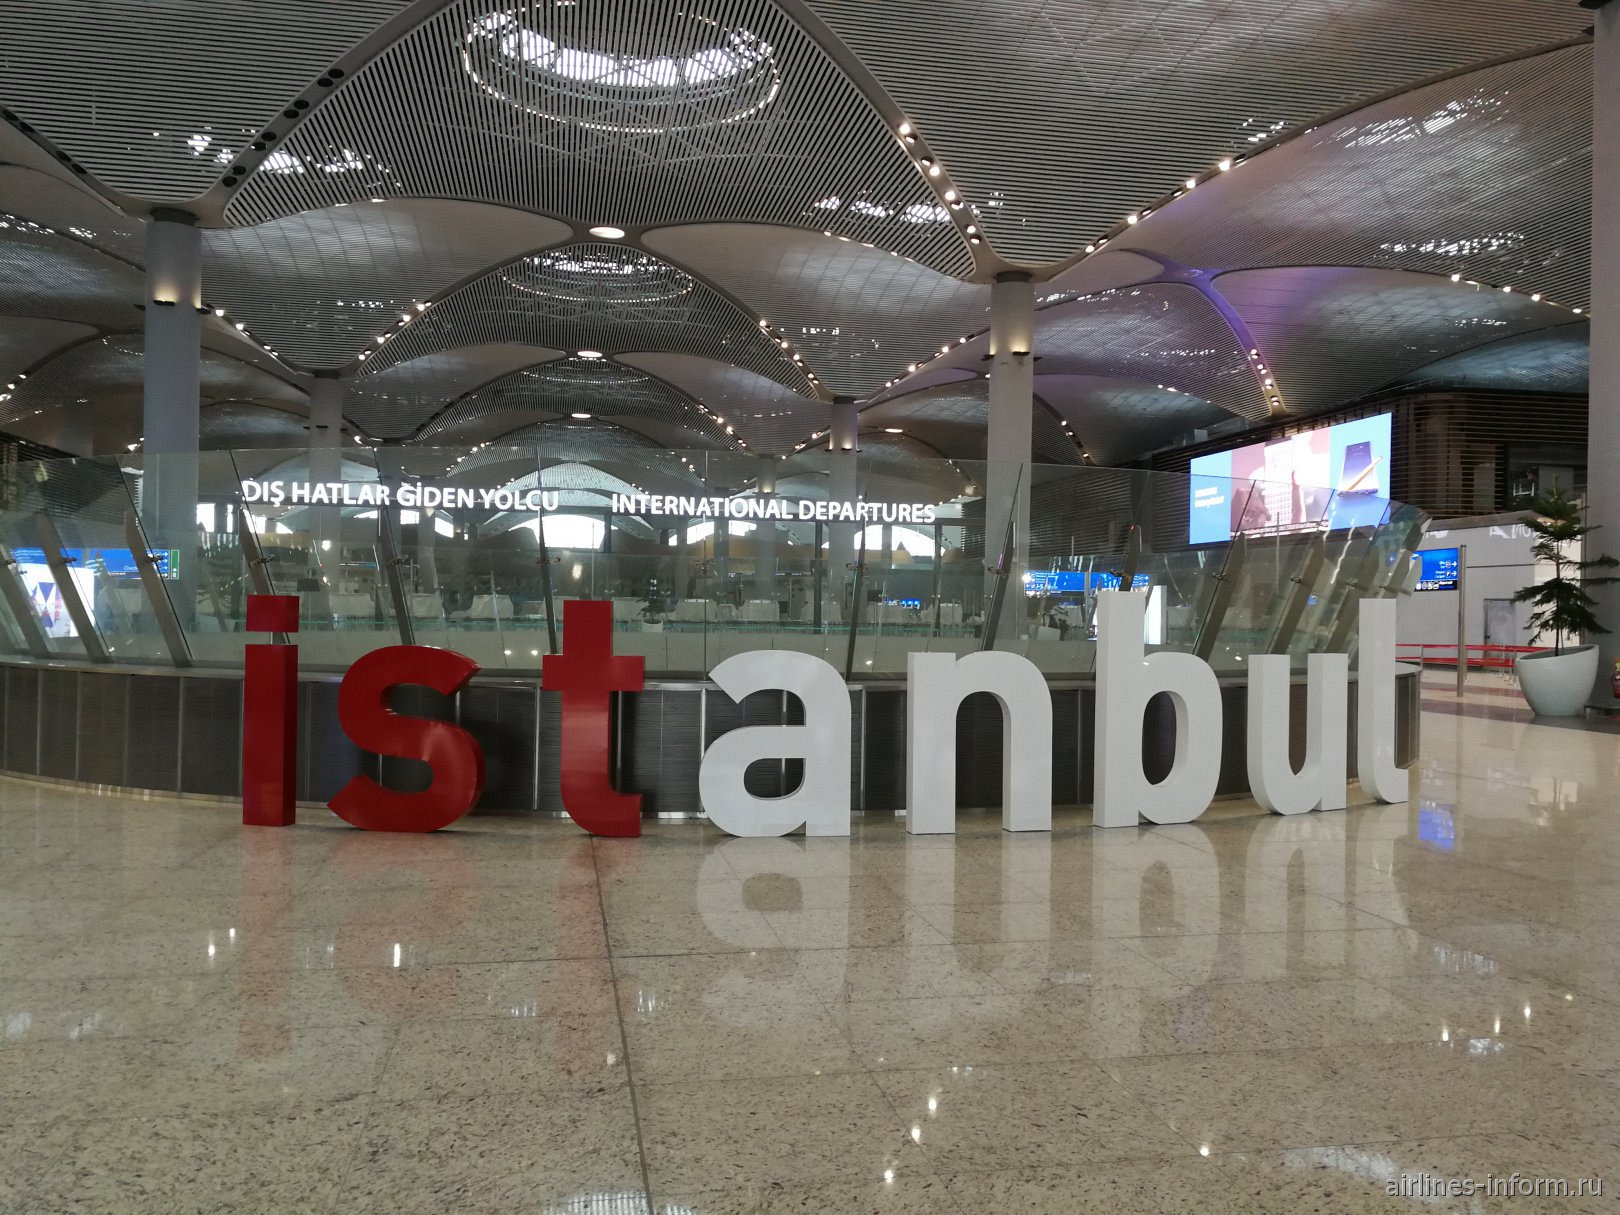 В центре общей зоны аэровокзала аэропорта Стамбул Новый